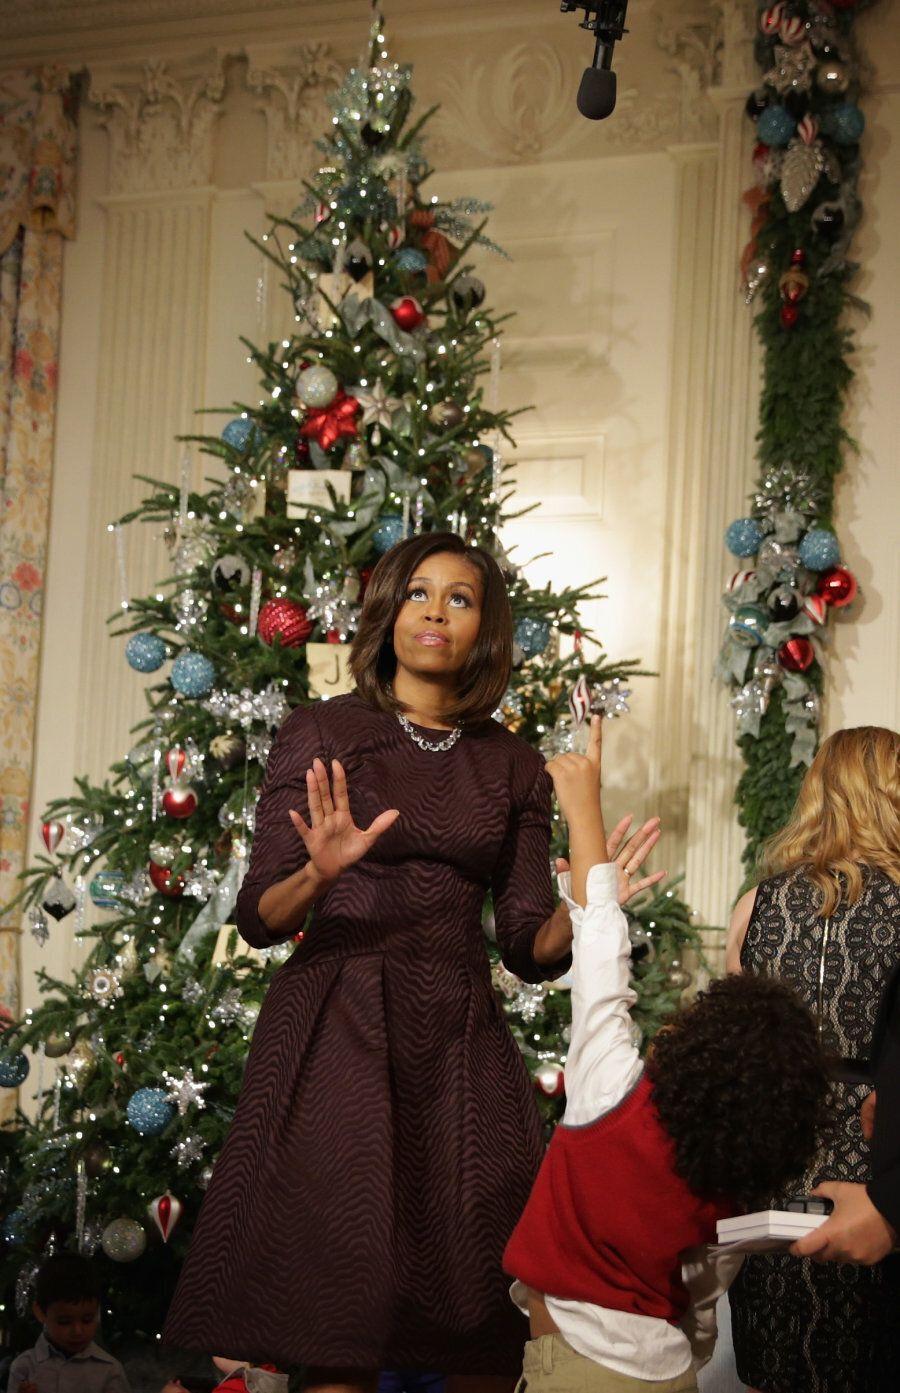 Le decorazioni volute da Melania alla Casa Bianca dimostrano la differenza abissale tra lei e Michelle